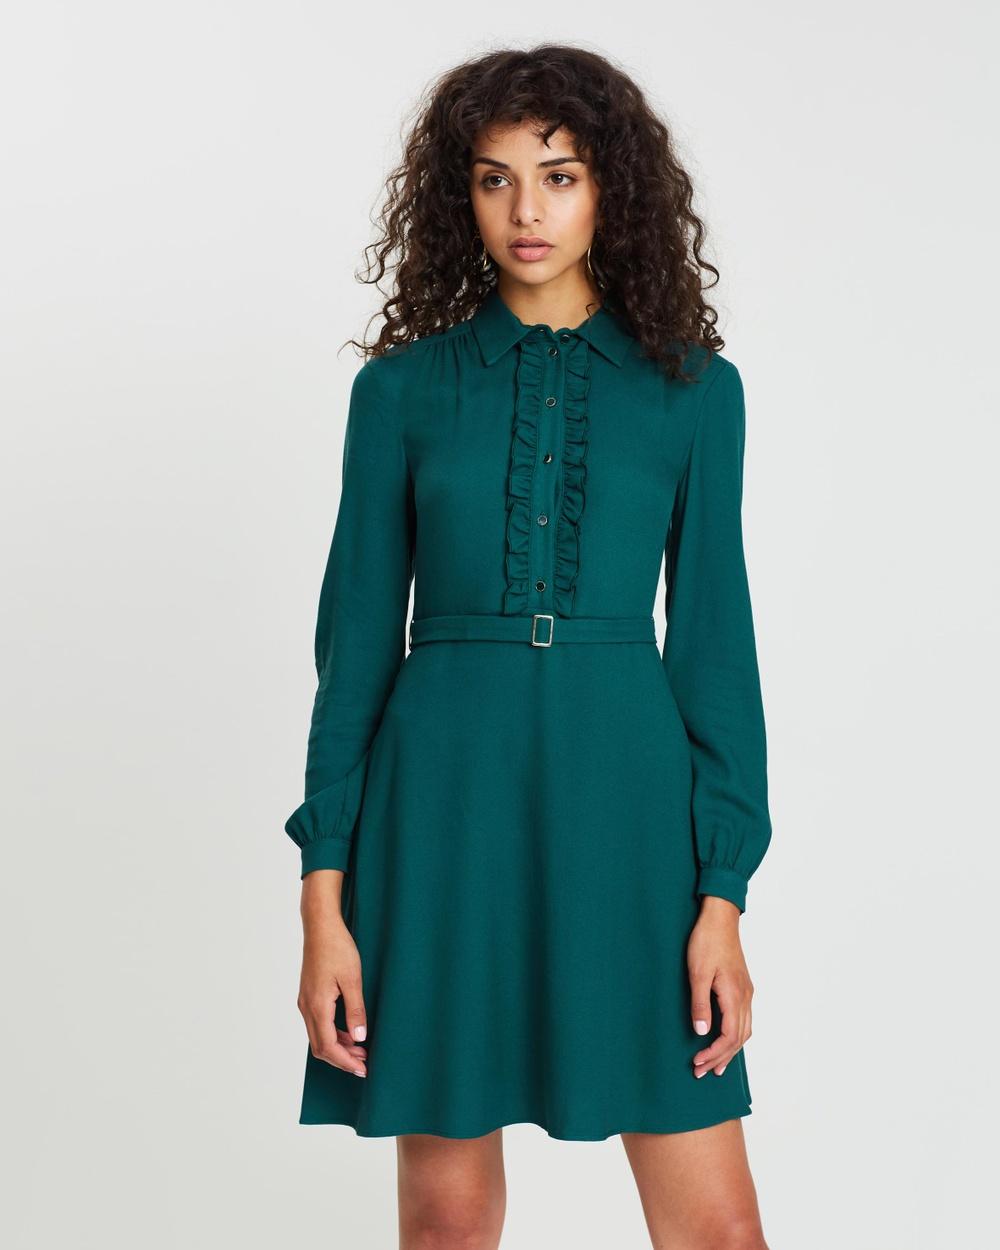 MAX & Co. Dark Green Definito Dress